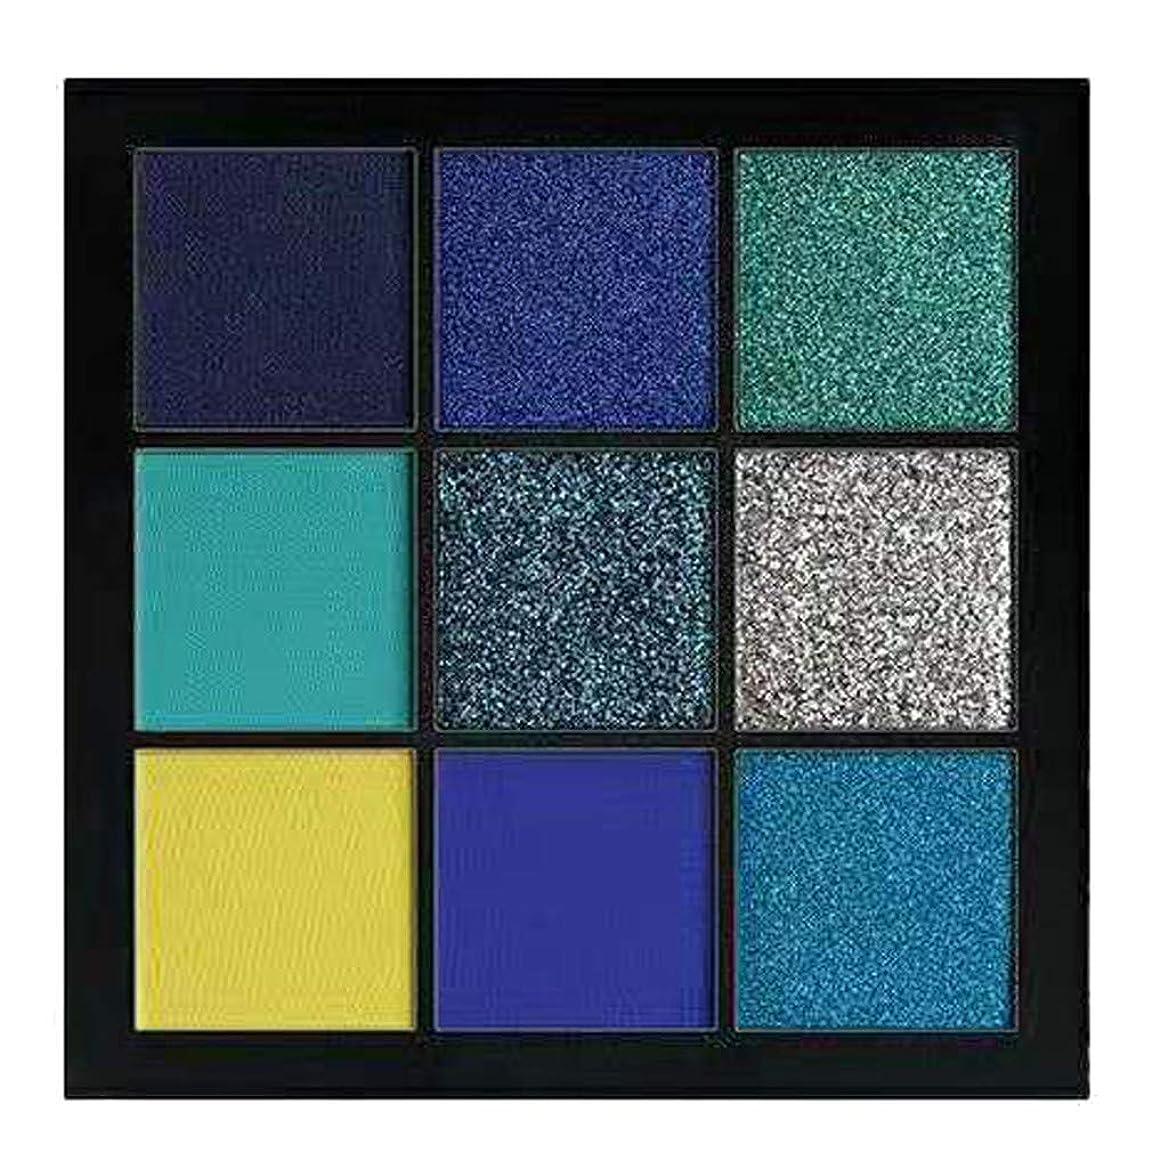 更新する何もない少しLazayyii 化粧品 マット アイシャドウ クリーム メイクアップパレットシマーセット アイシャドウ 9色 (D)